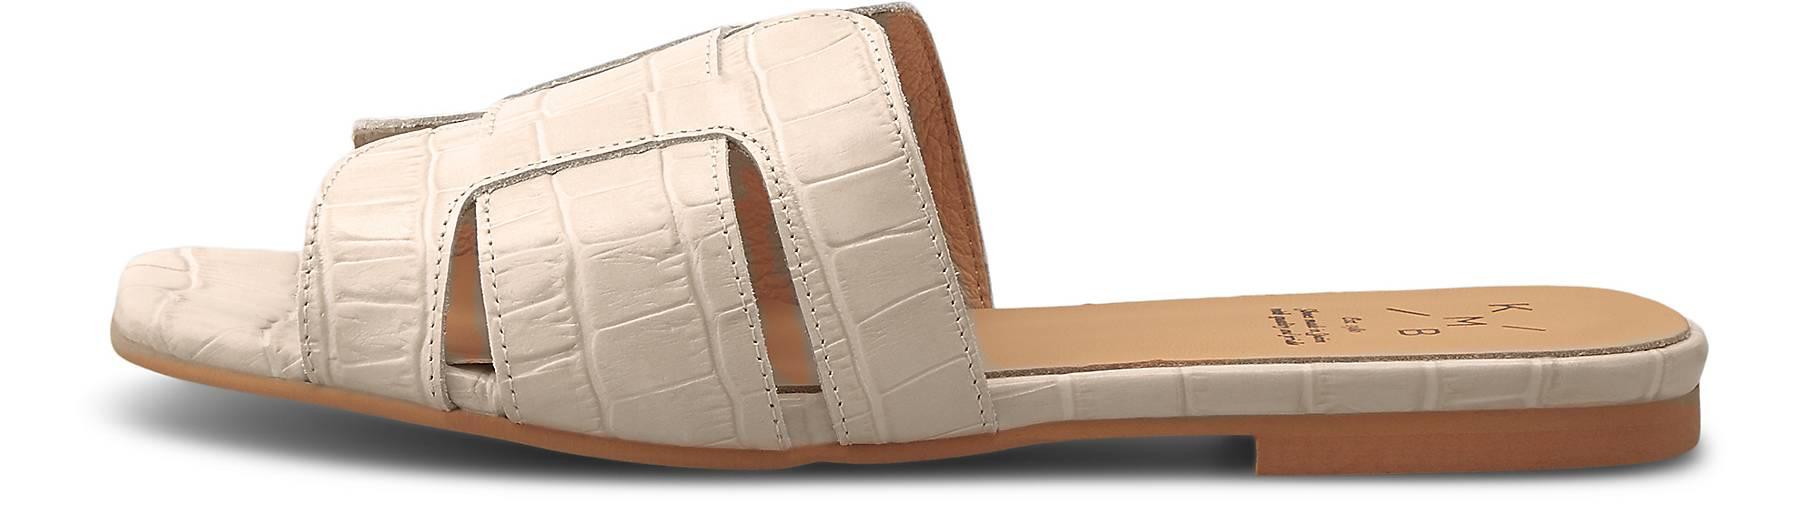 KMB Trend-Pantolette